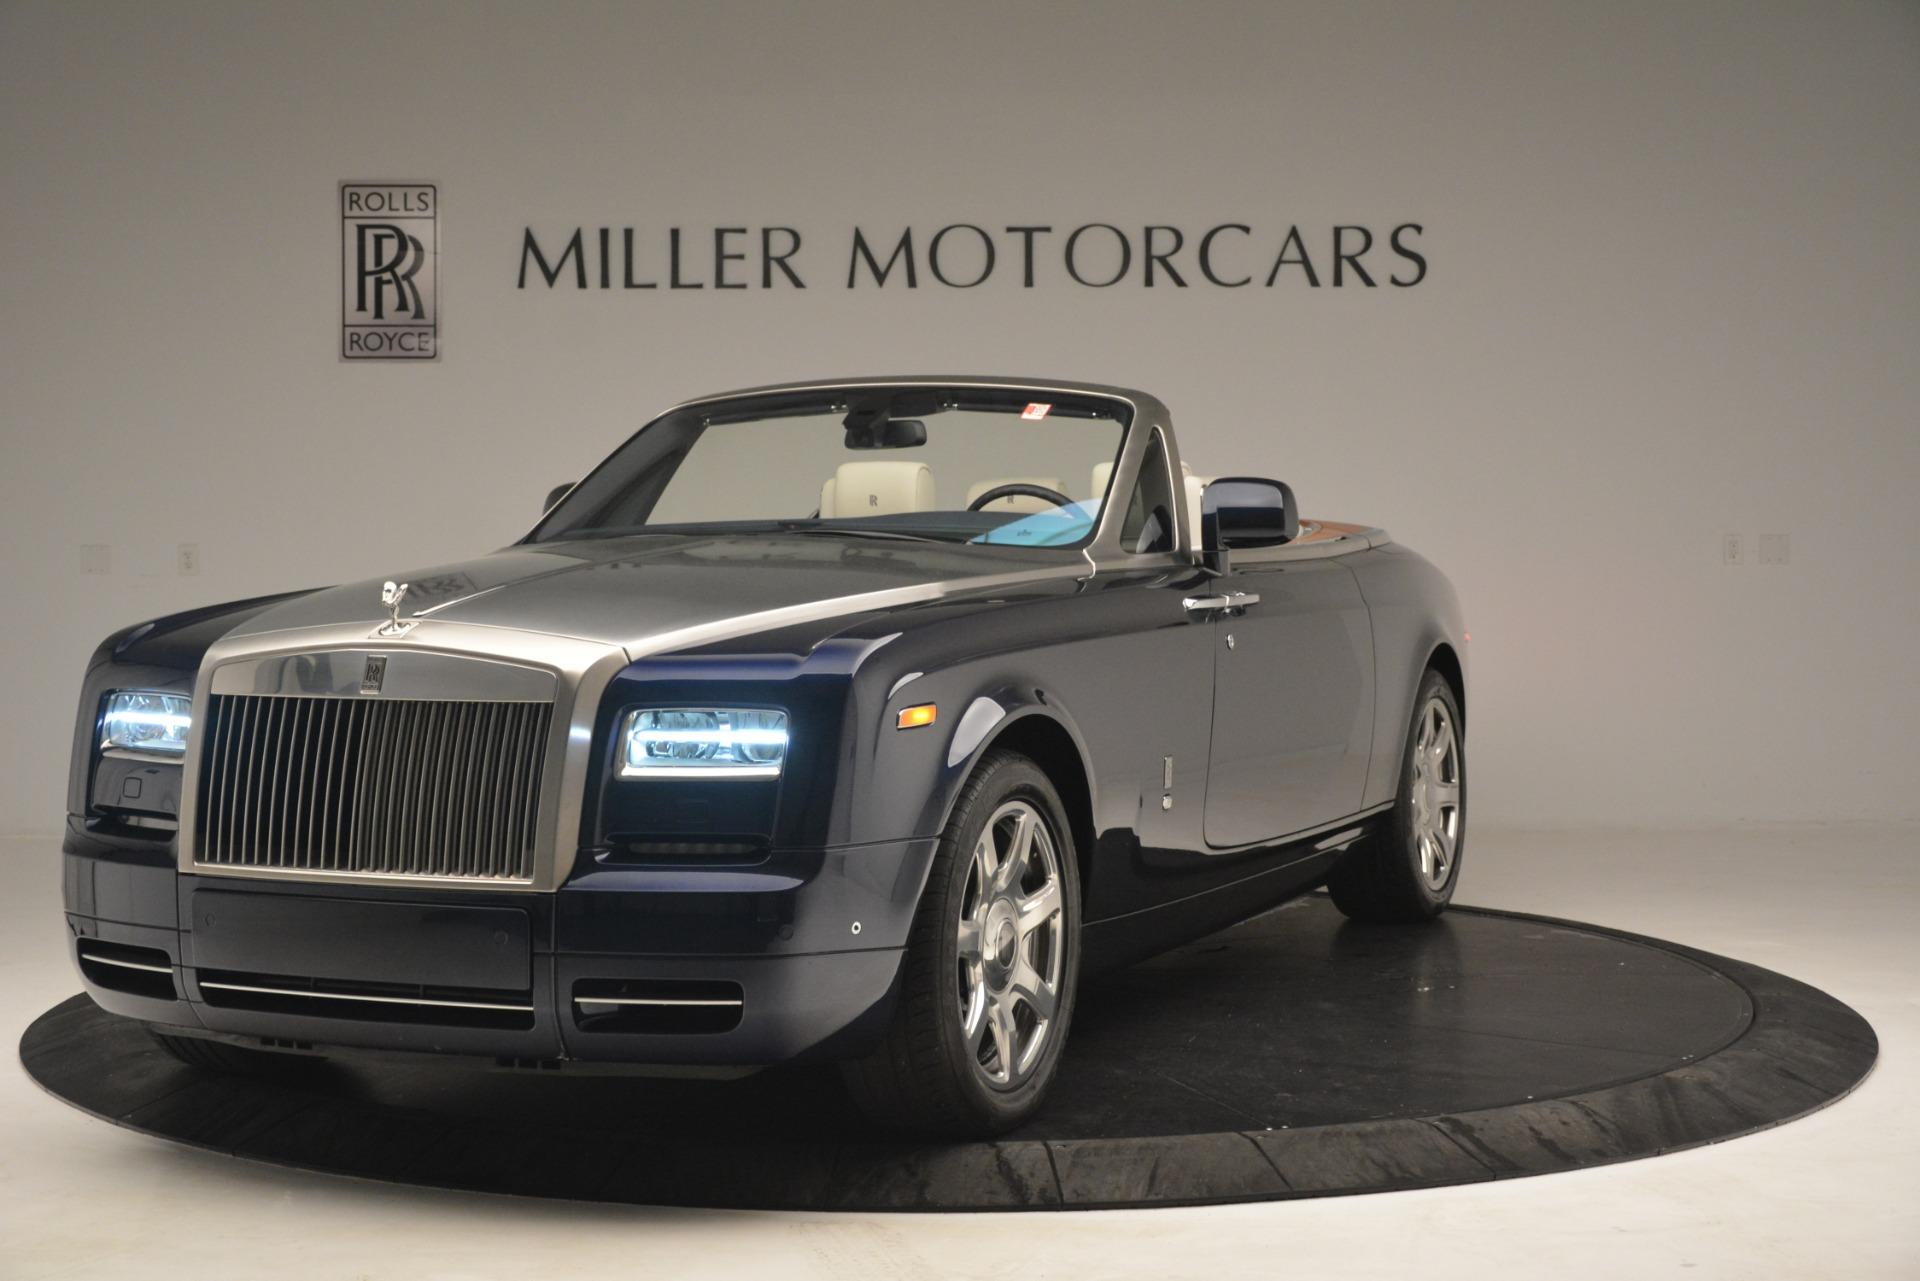 Used 2013 Rolls-Royce Phantom Drophead Coupe  For Sale In Westport, CT 2999_p3